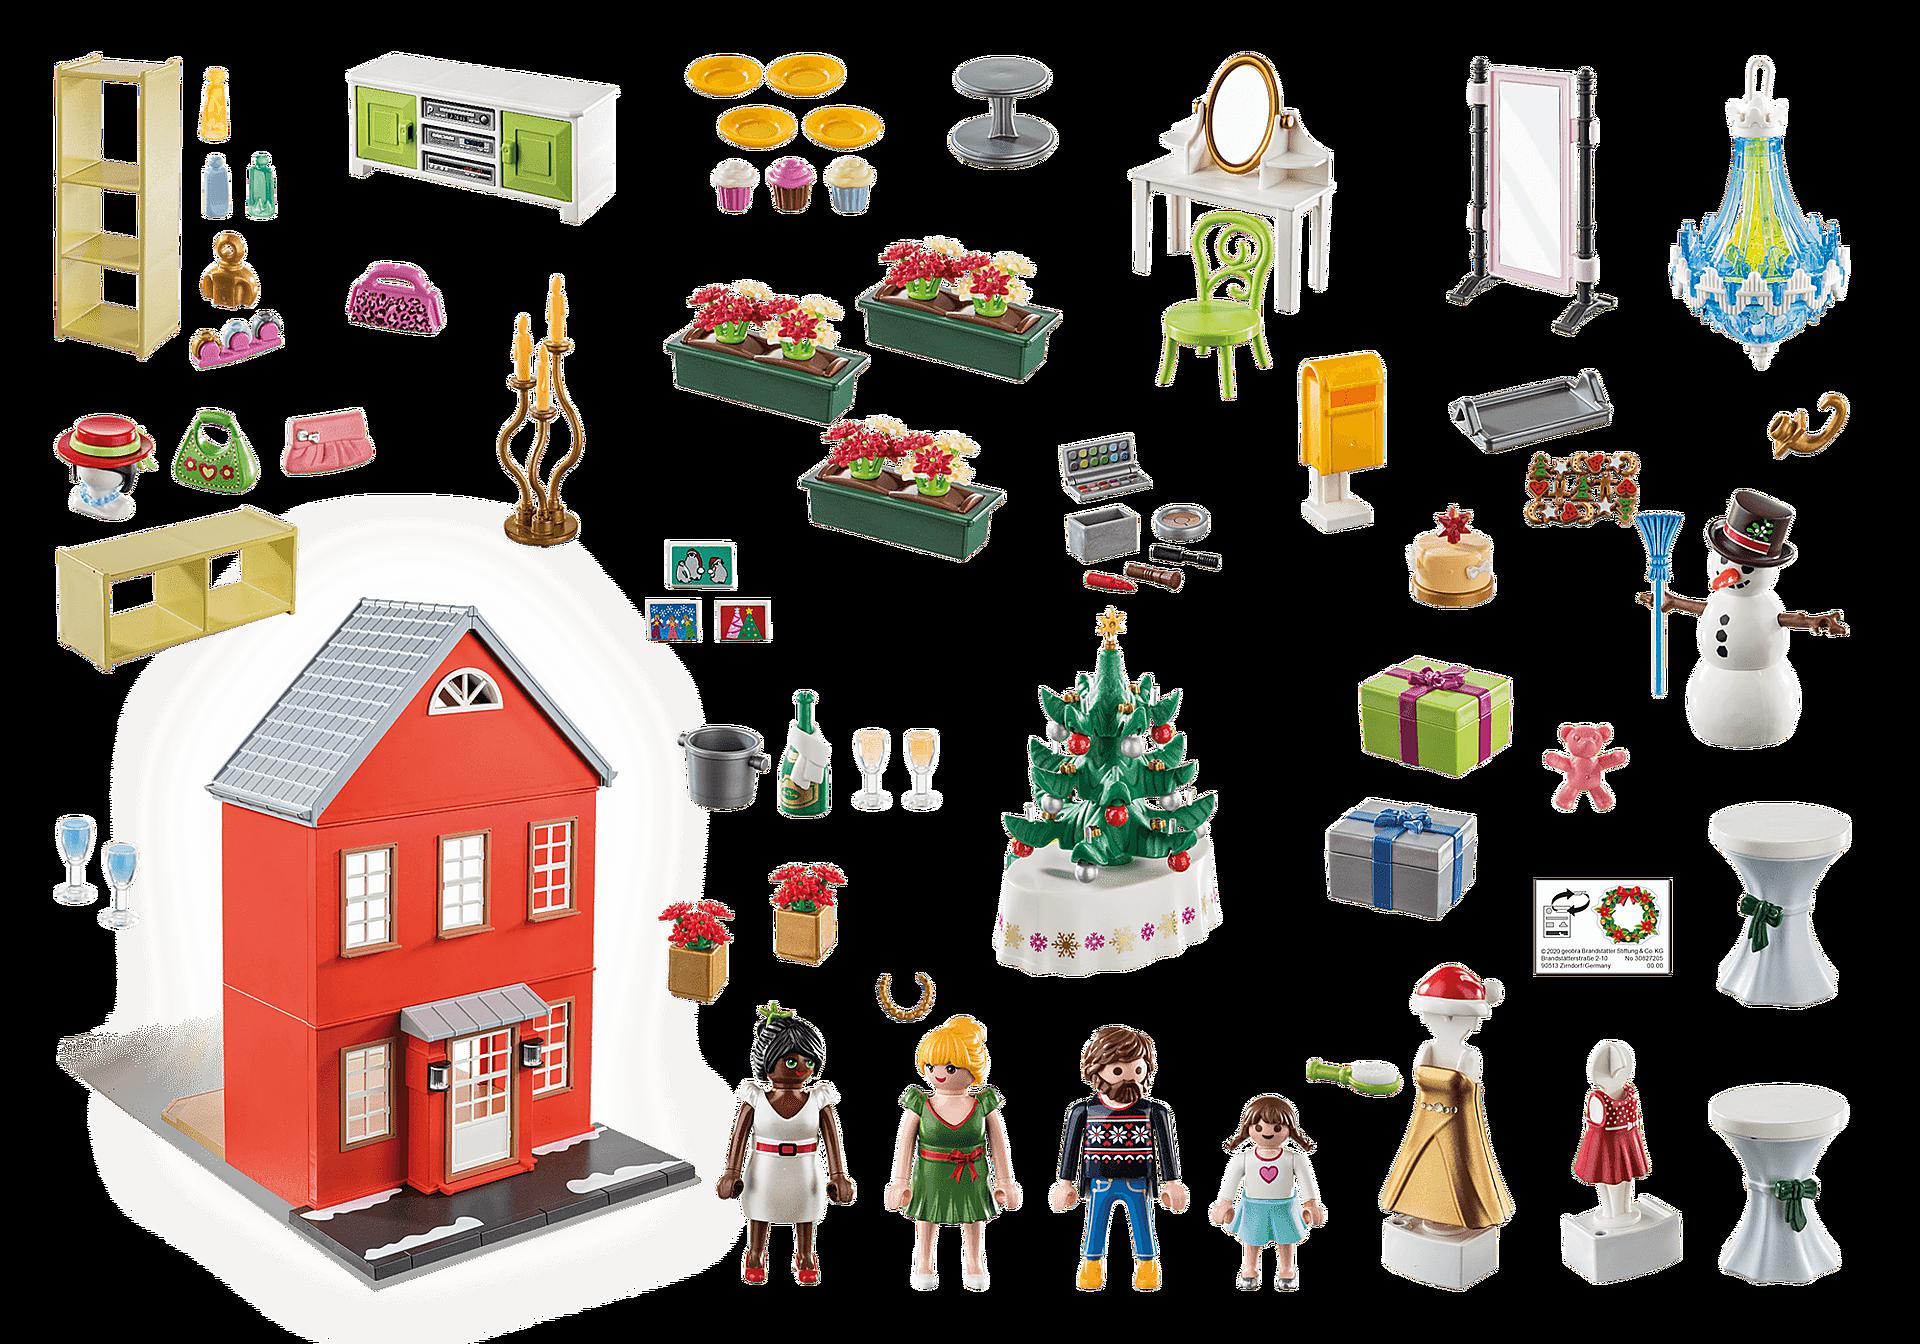 70383 Adventskalender XL Kerst in huis zoom image3